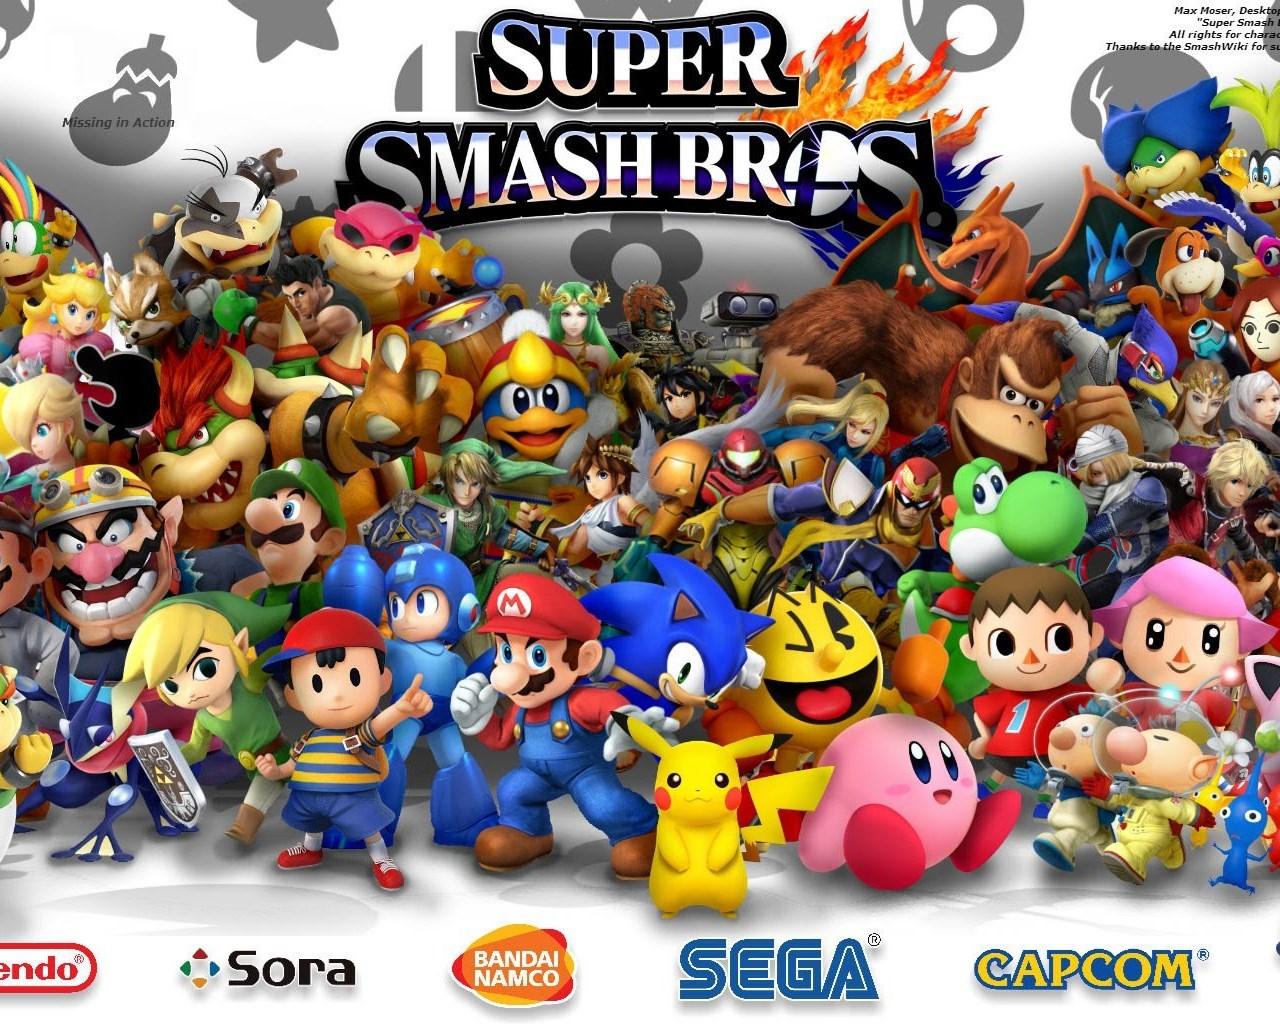 Super Smash Bros For Wii U 3ds Desktop Wallpaper Youtube